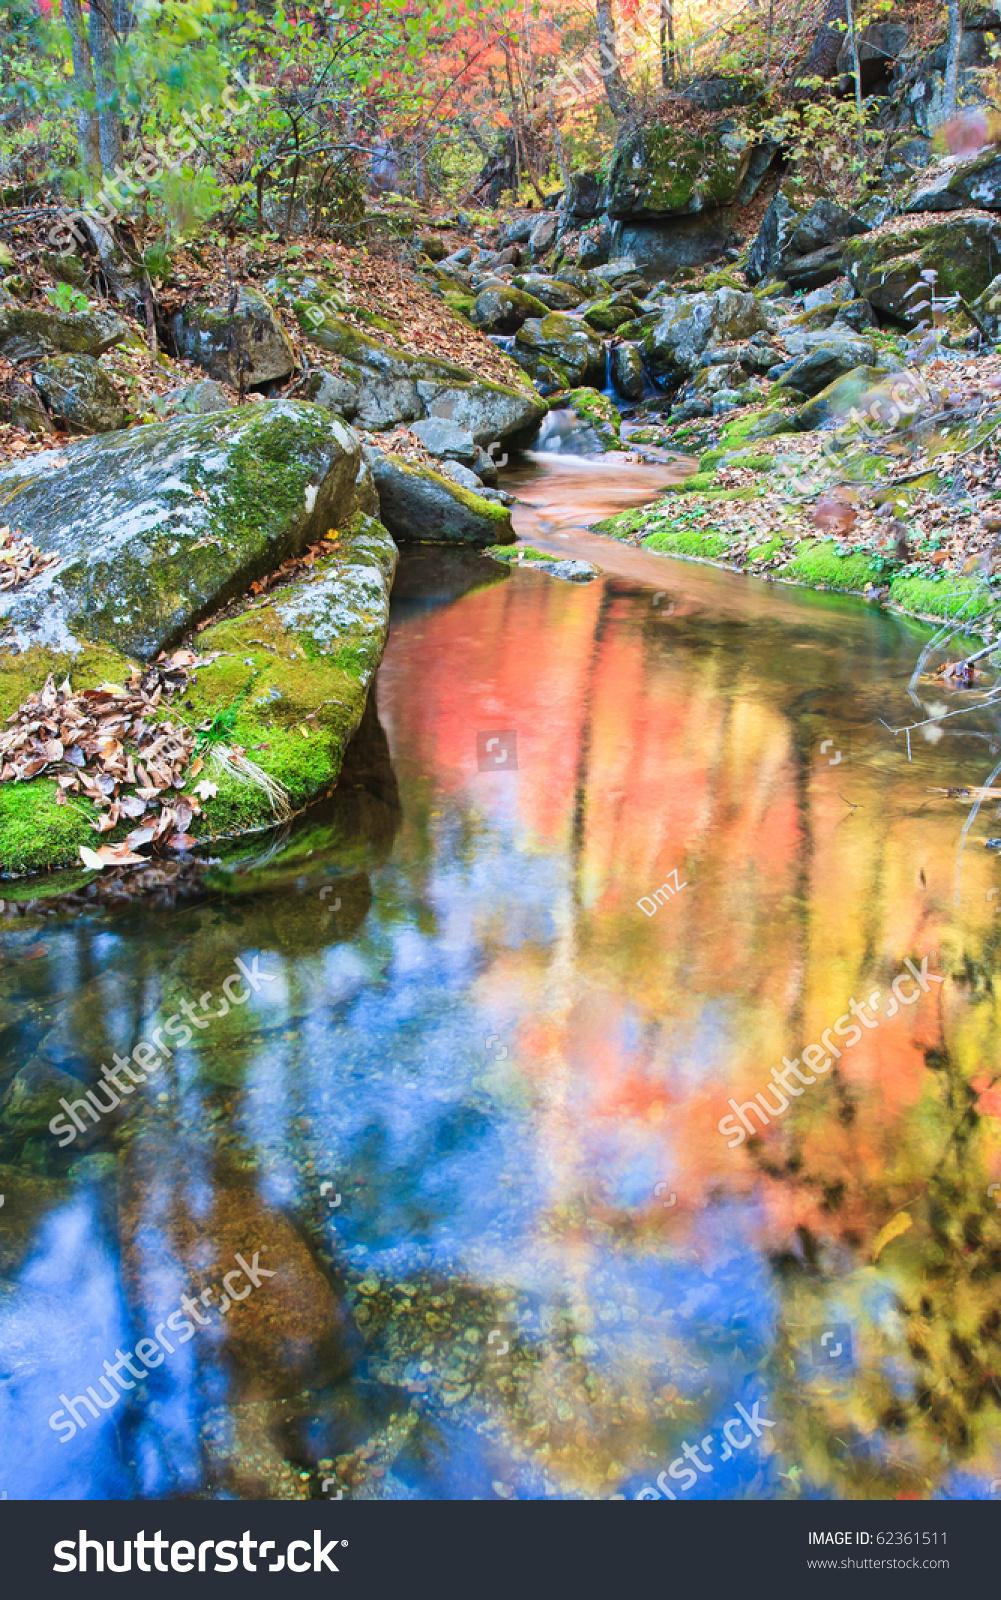 Autumn Landscape Beautiful Bright Autumn Trees Stock Photo ...